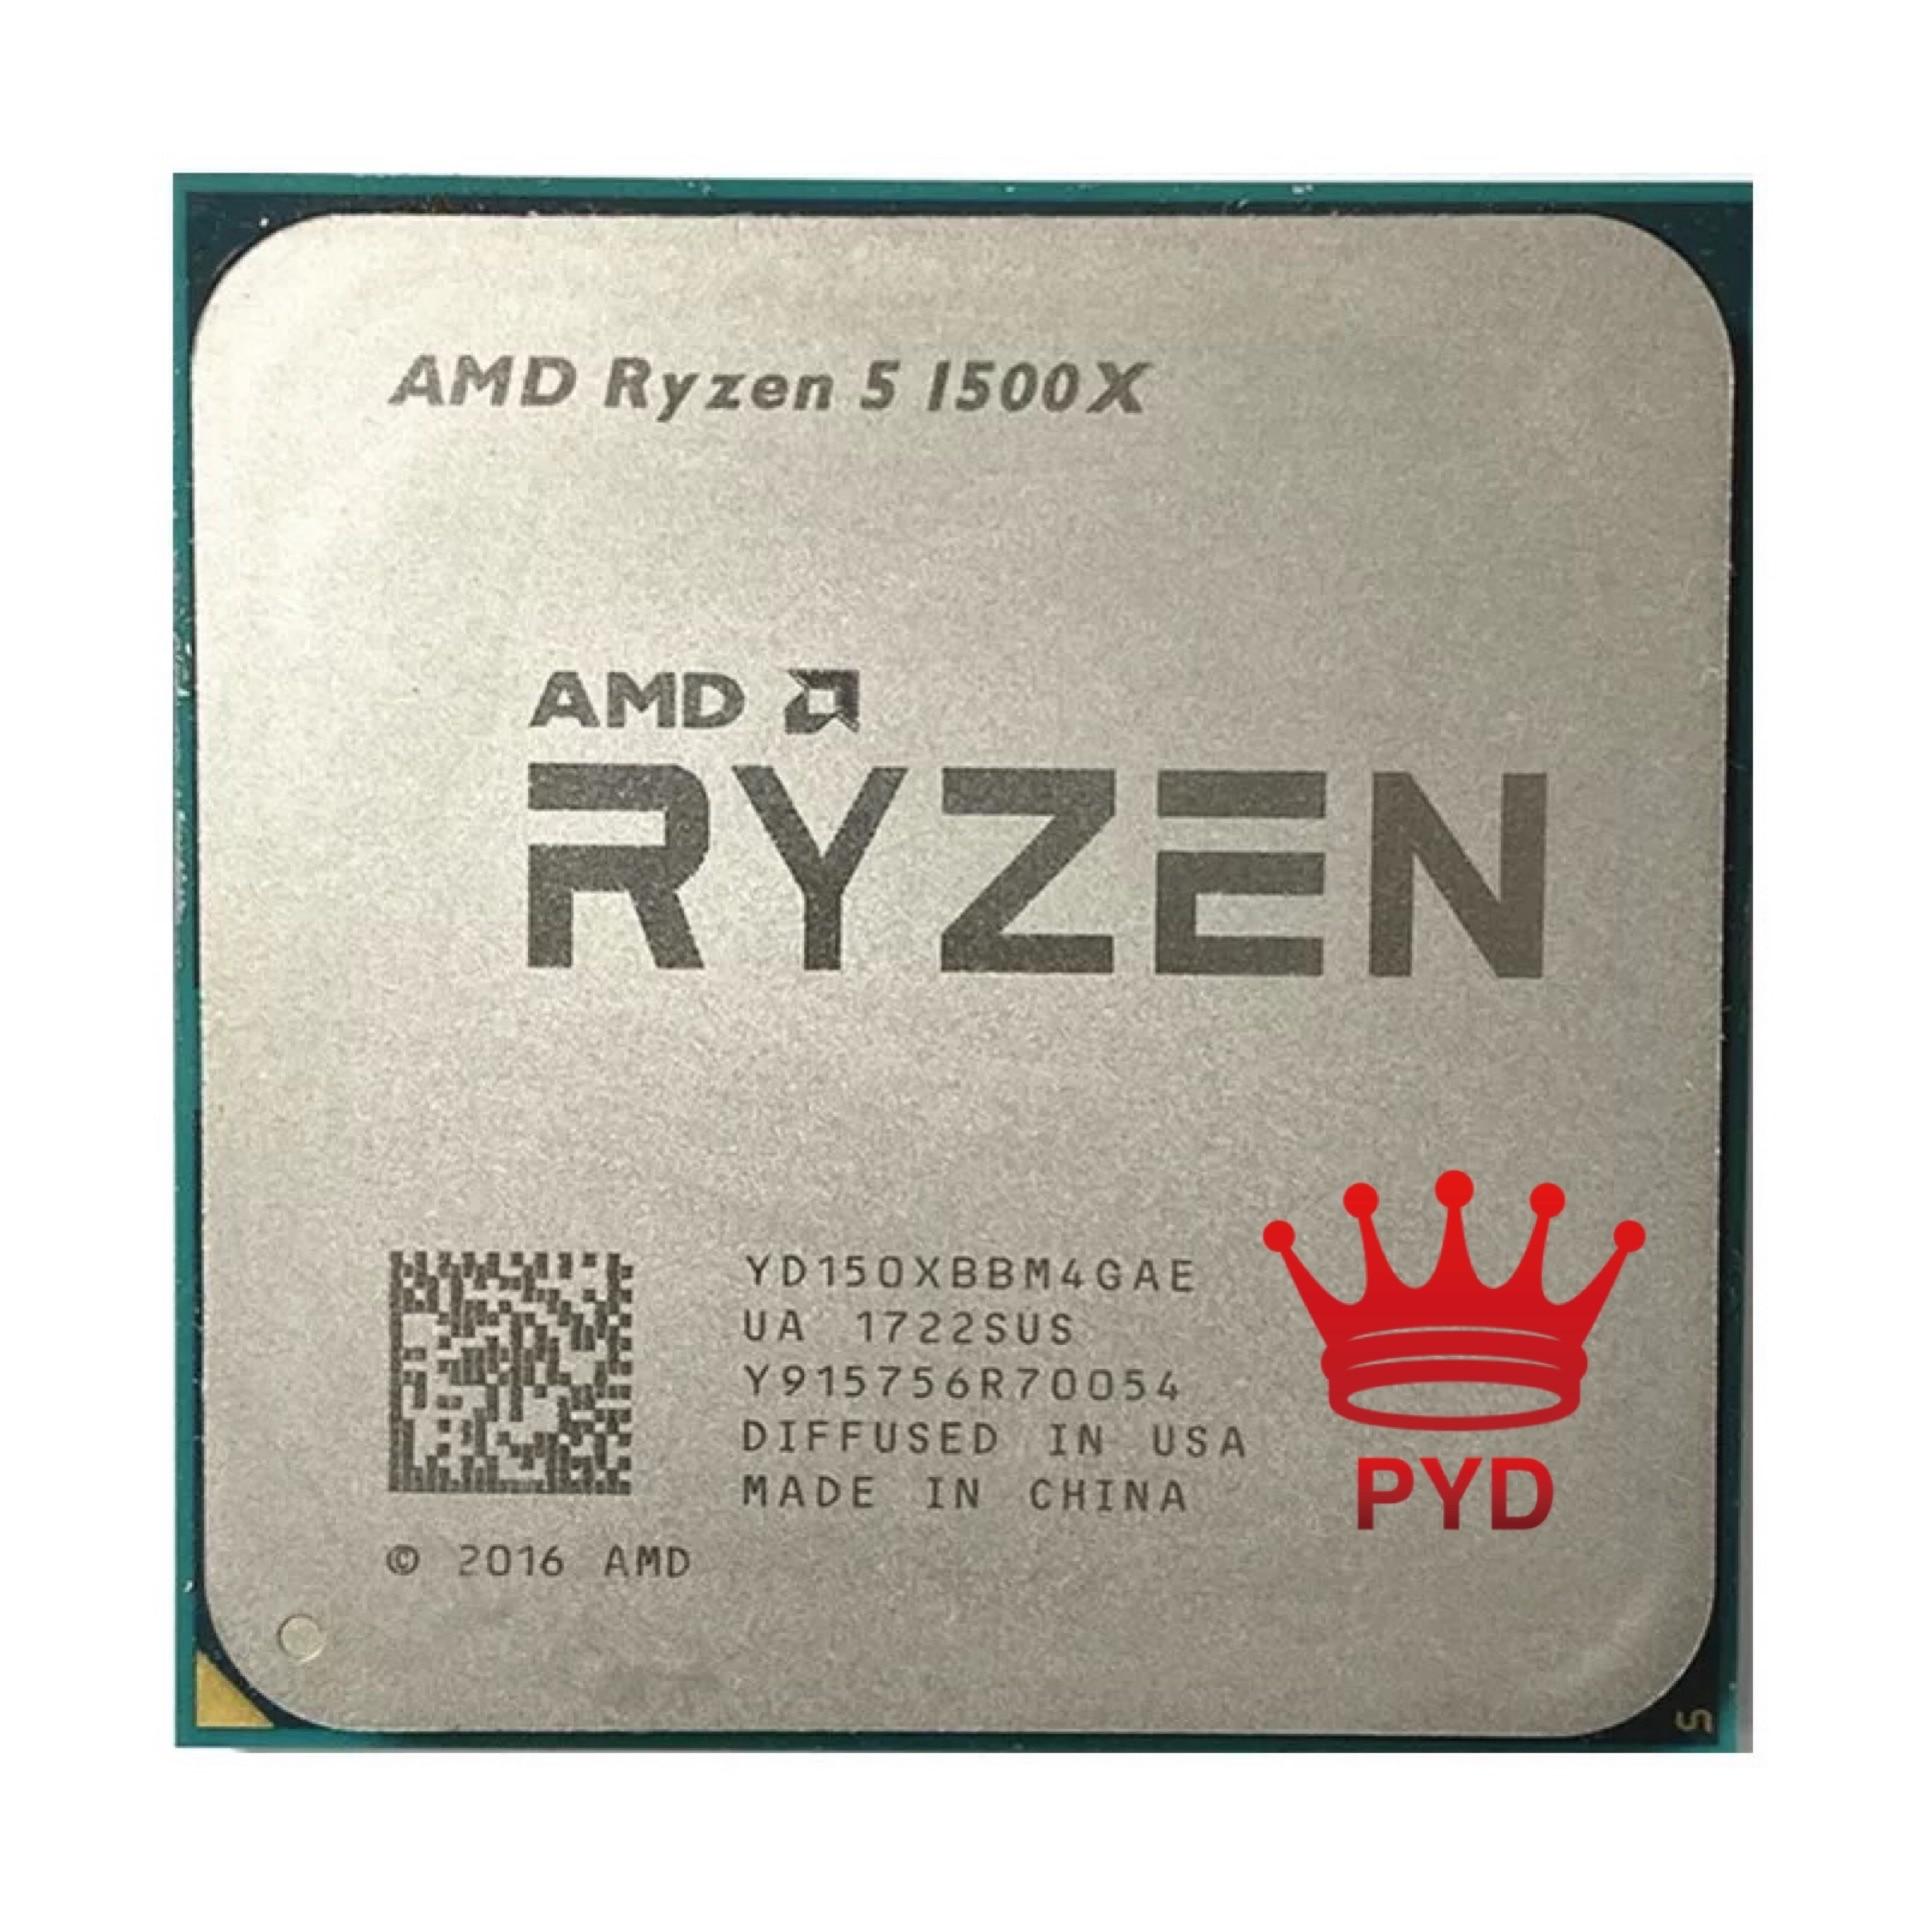 [해외] AMD-Ryzen 5 1500X R5 1500X 3.5 GHz 쿼드코어 8 코어 CPU 프로세서, L3 = 16M 65W YD150XBBM4GAE 소켓 AM4